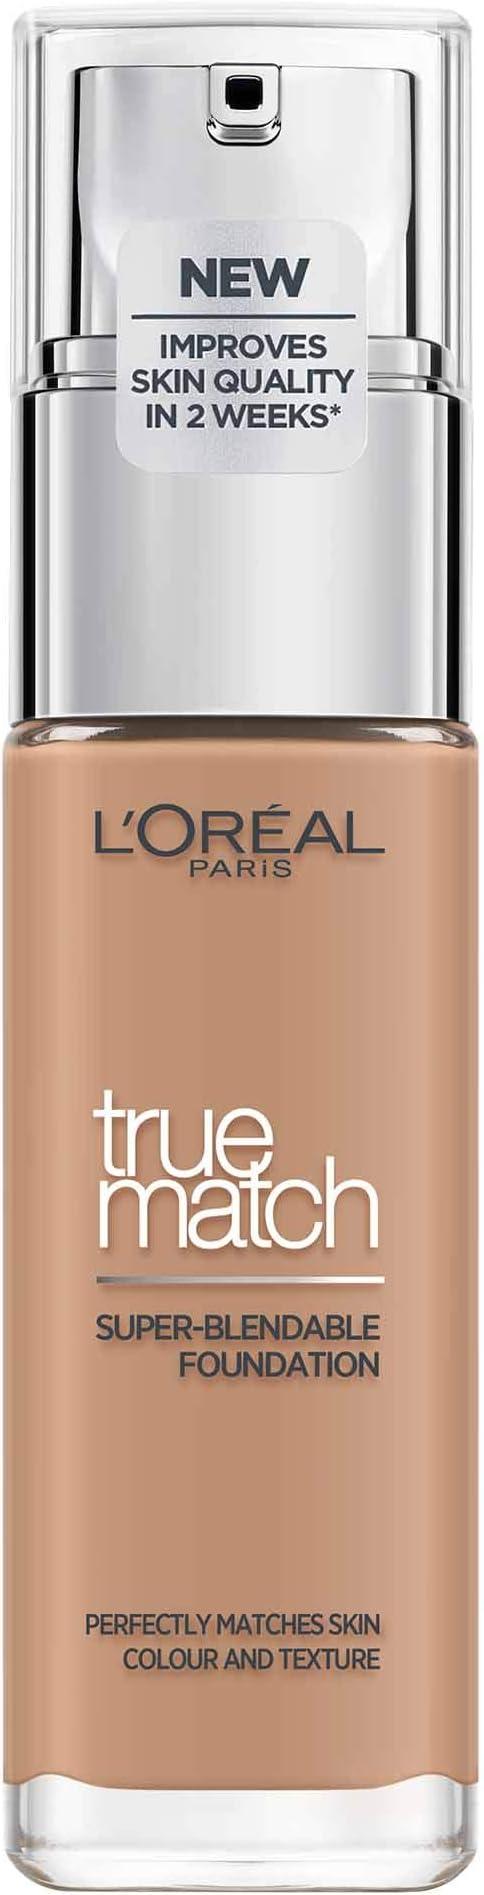 Maquillaje de LOréal Paris Perfect Match, D5 / W5 Golden Sand ...